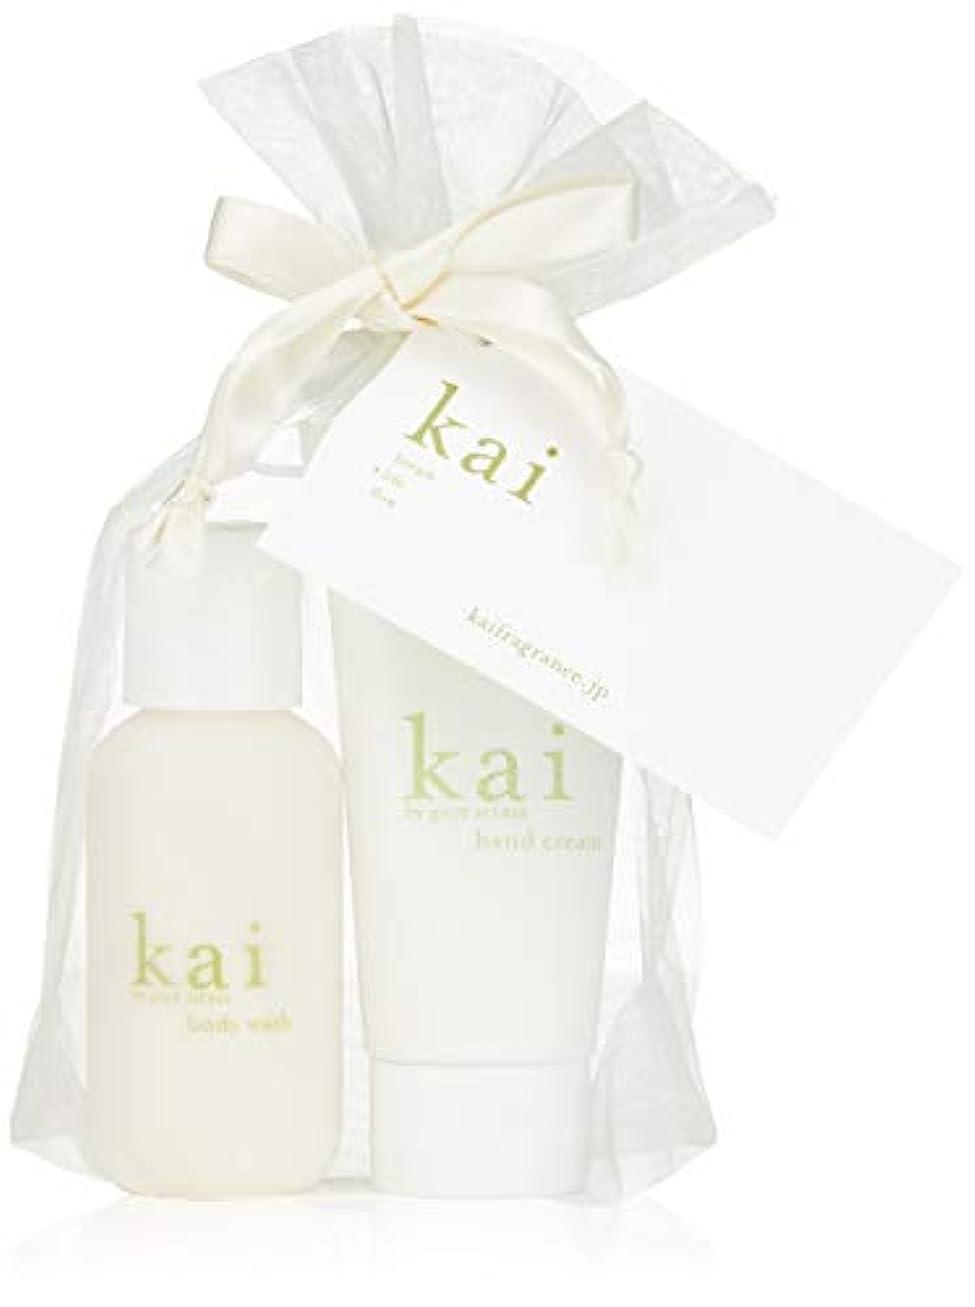 補う祭司余分なkai fragrance(カイ フレグランス) ハンドクリーム&ミニボディウォッシュ 59×2ml